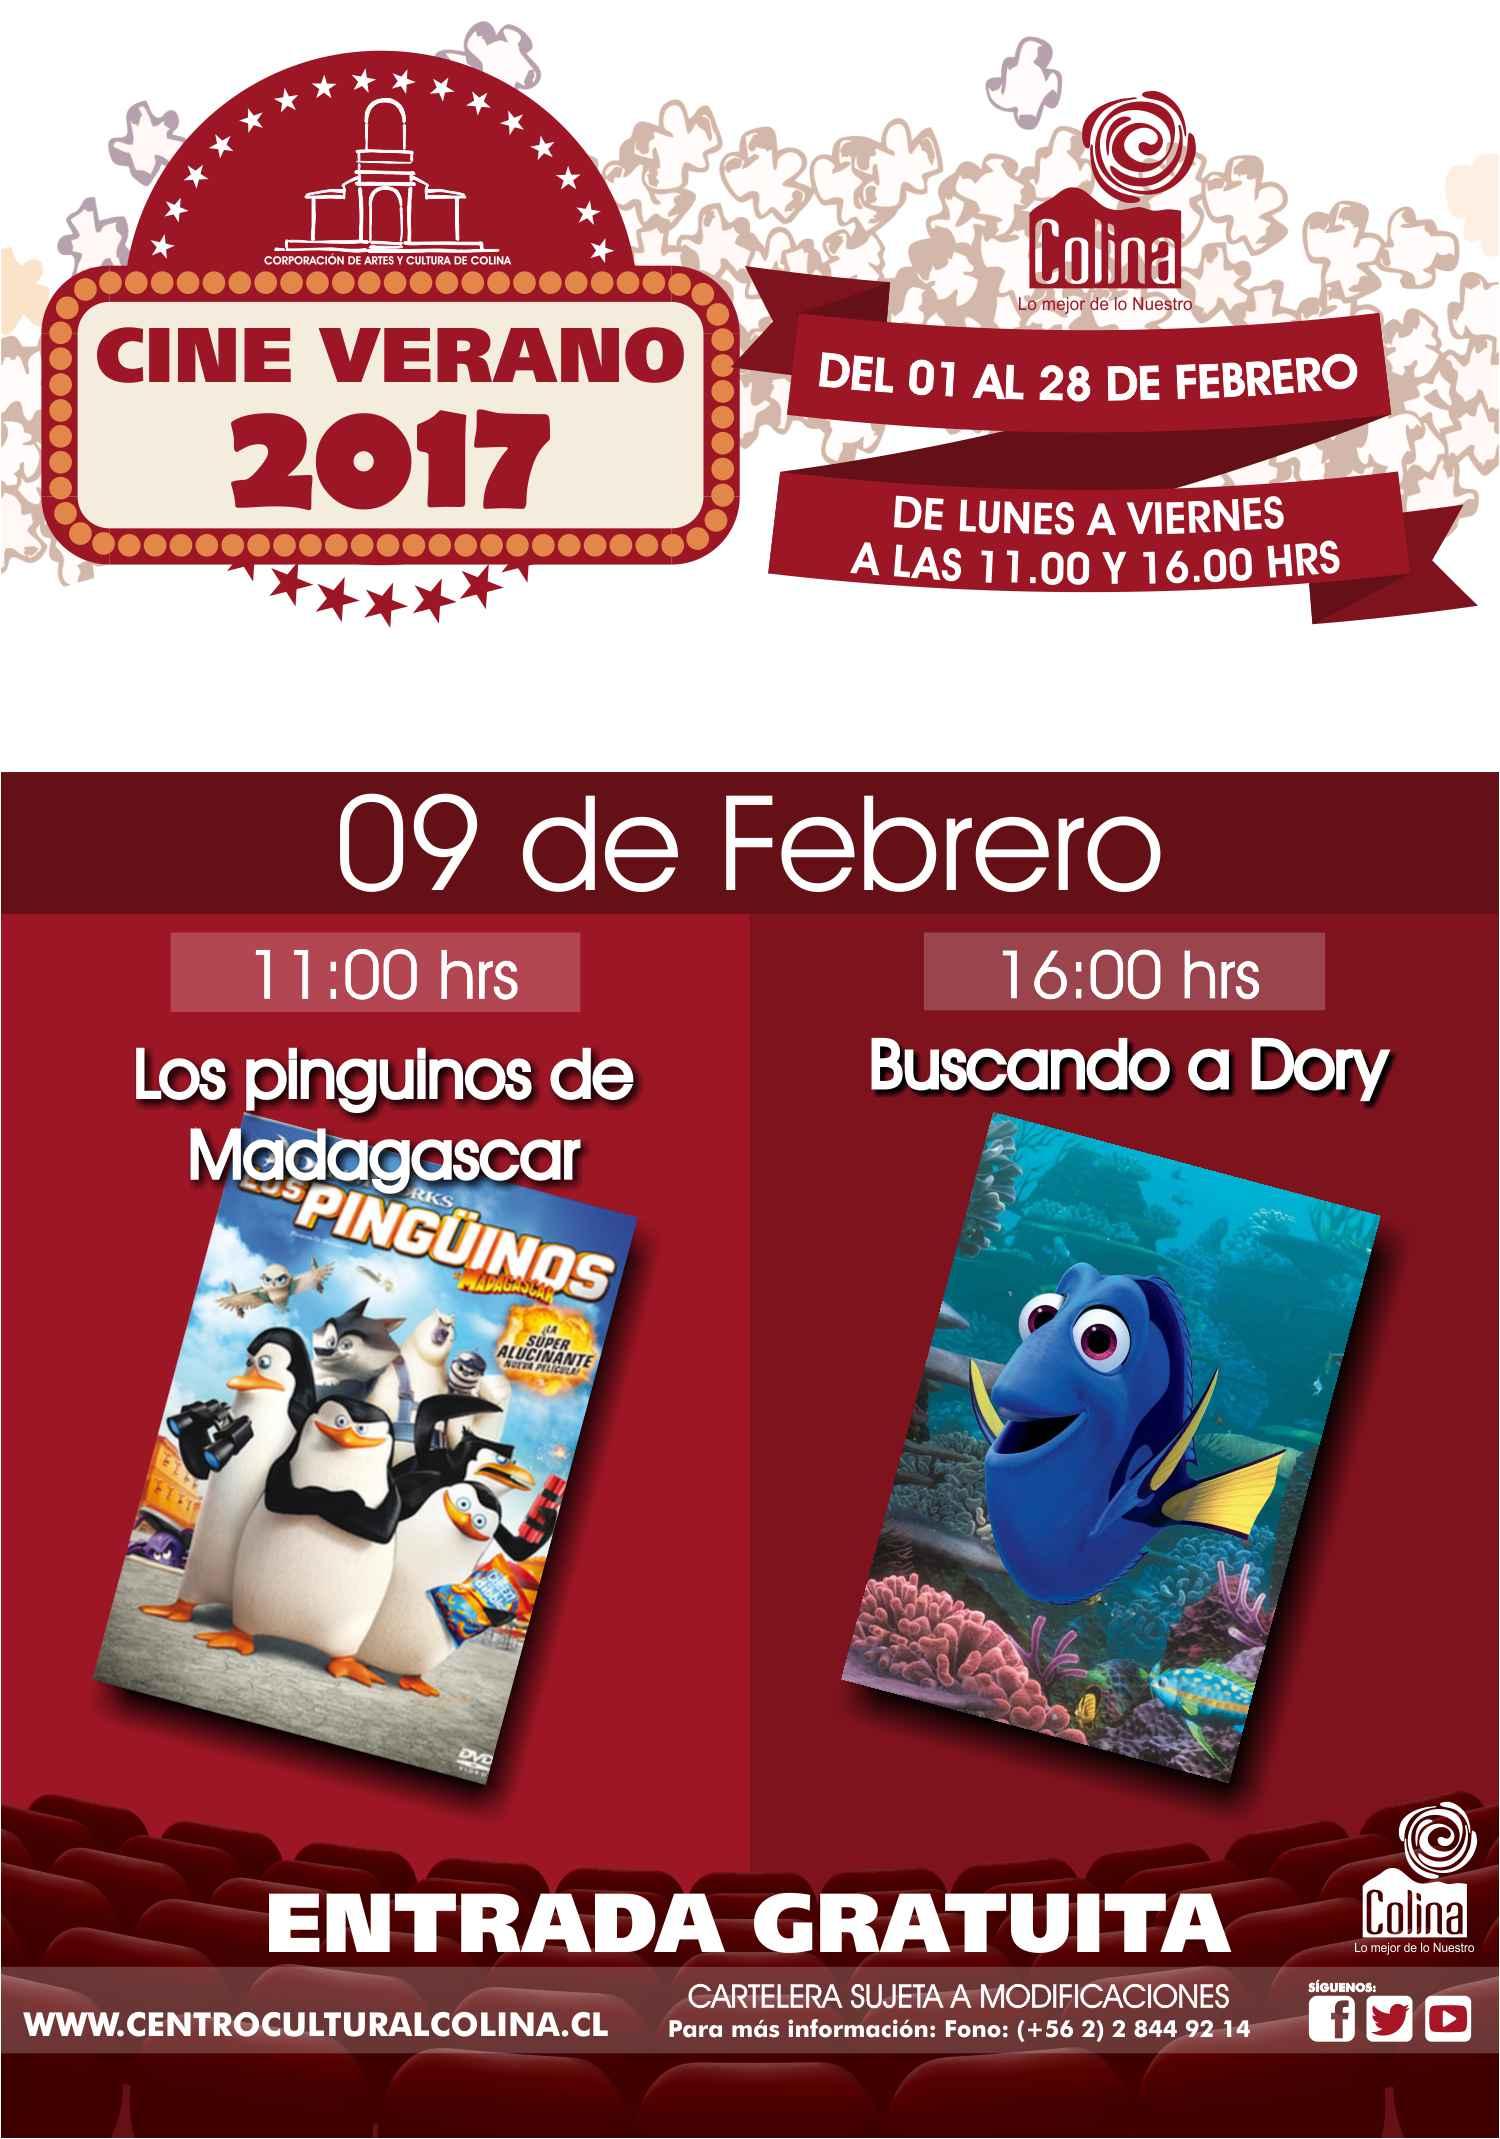 cine de verano 2017-09 de febrero